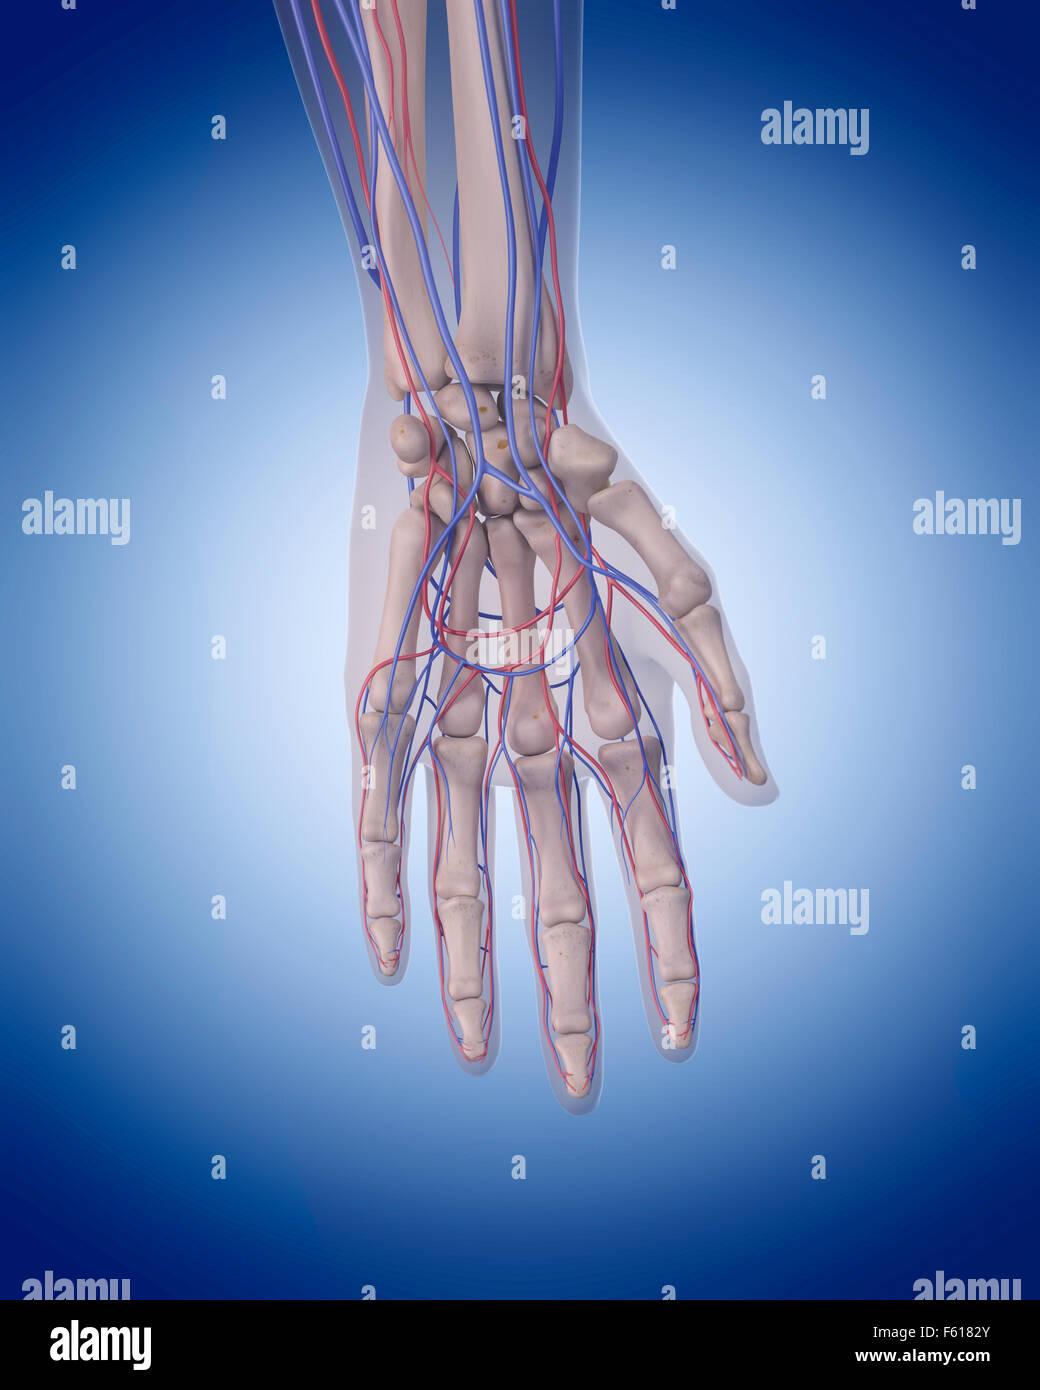 Human Vascular System Hand Stock Photos & Human Vascular System Hand ...